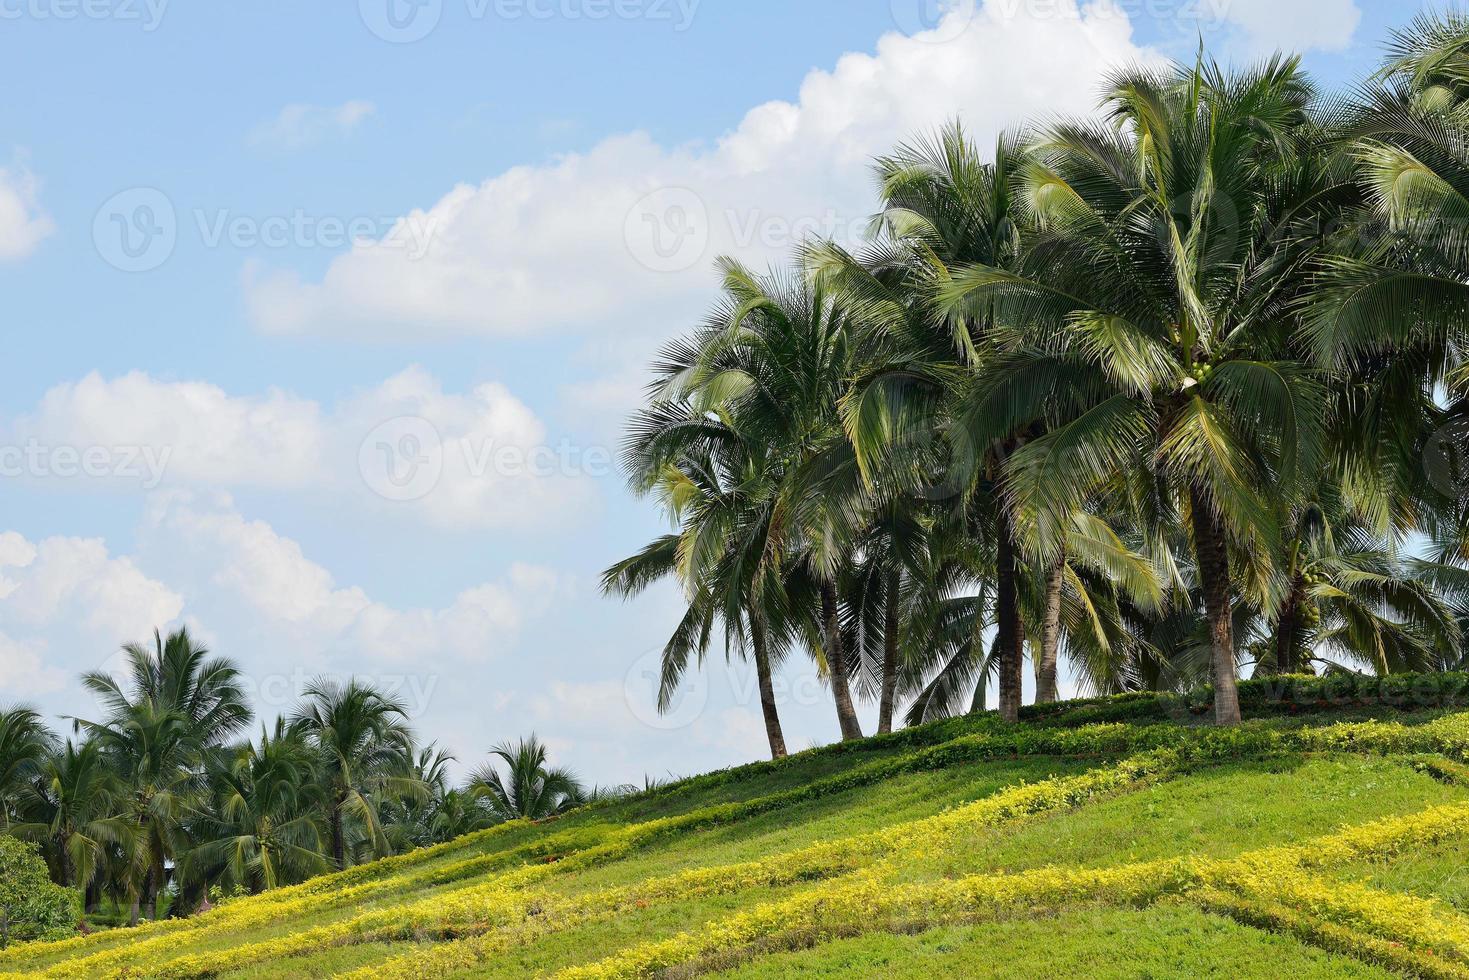 Kokospalmen unter blauem Himmel foto